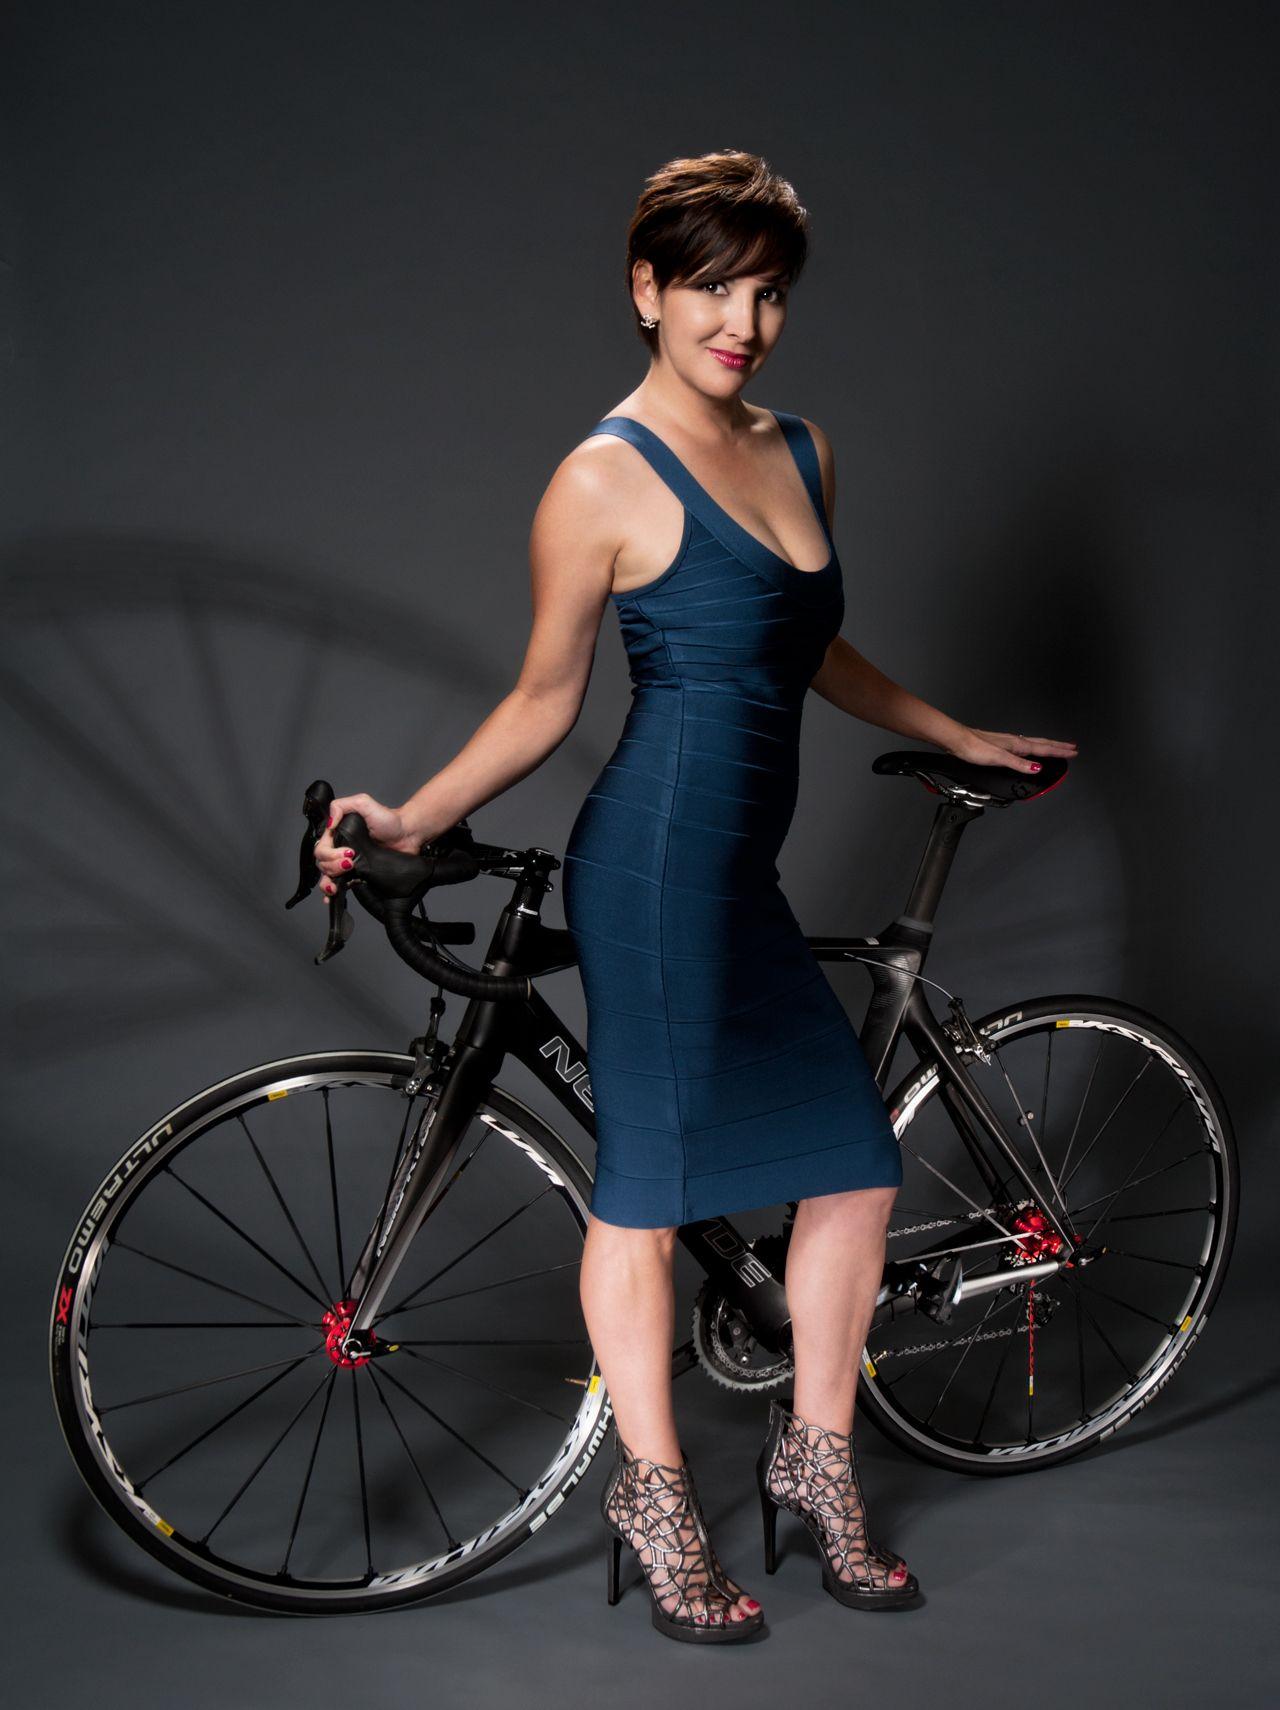 Patty_bike.jpg